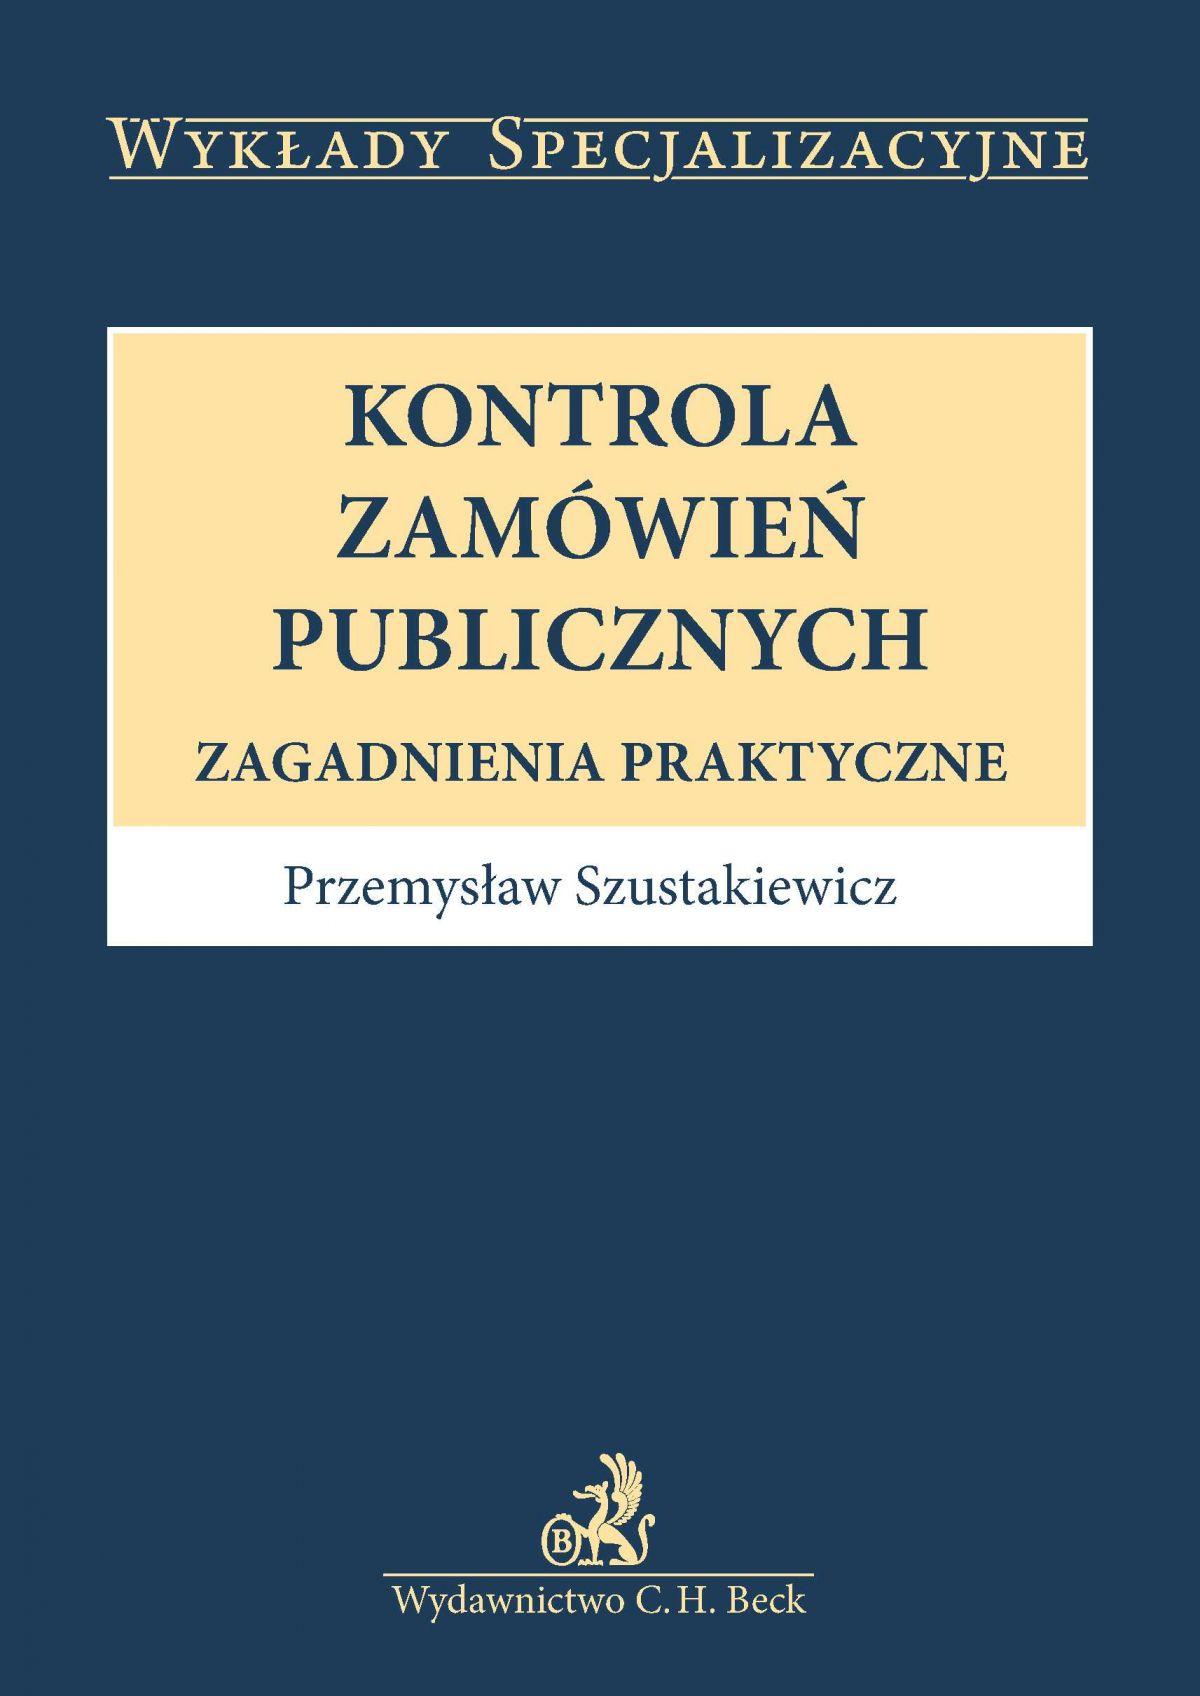 Kontrola zamówień publicznych. Zagadnienia praktyczne - Ebook (Książka PDF) do pobrania w formacie PDF